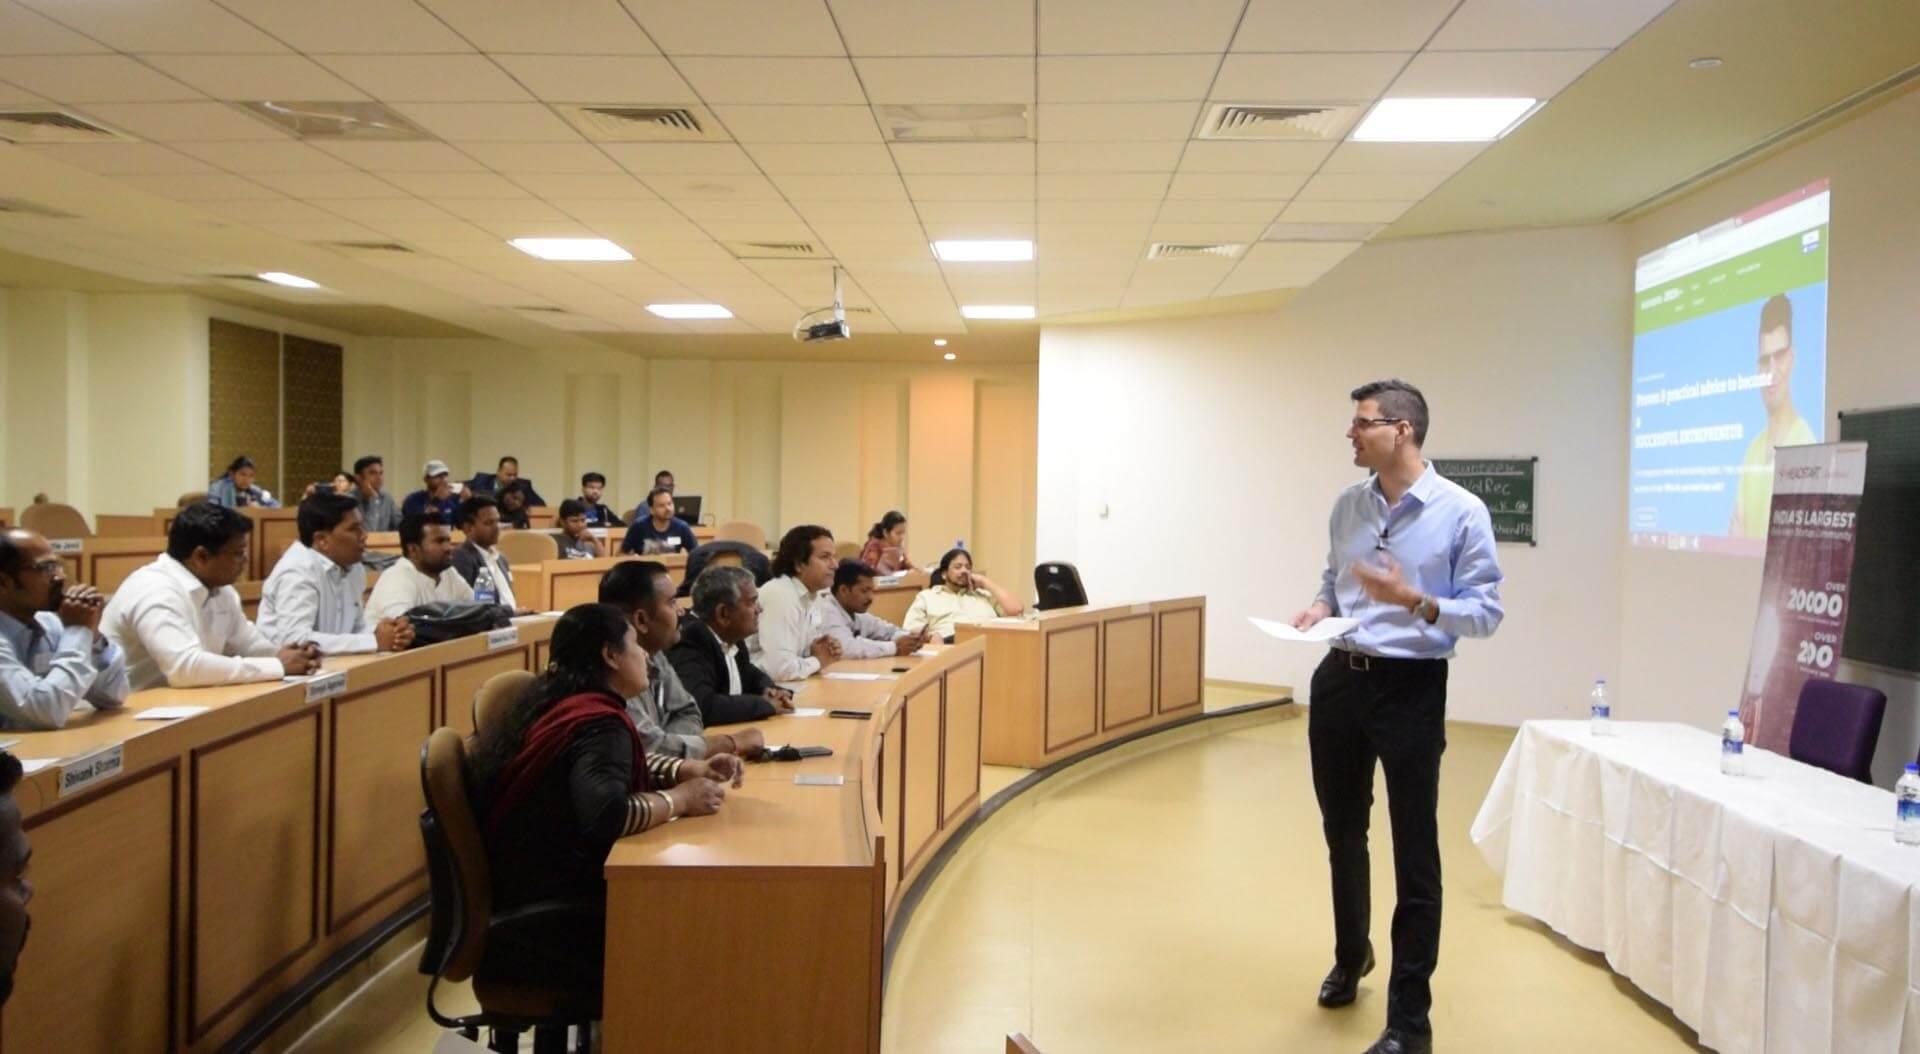 Conférence Développer sa startup en Inde - David Levesque, mentor et expert webmarketing